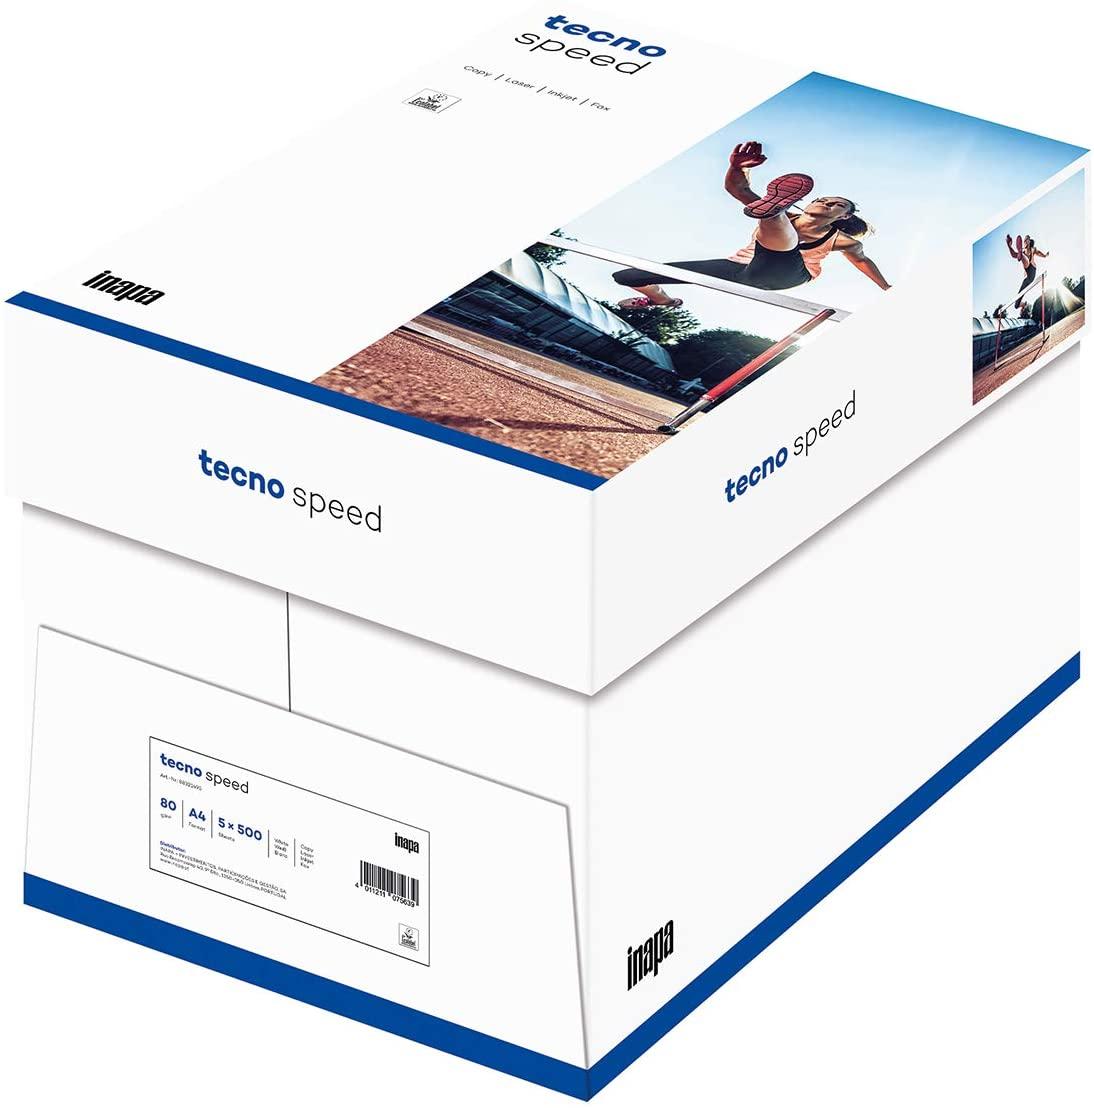 inapa Drucker-/Kopierpapier tecno Speed: 80 g/qm², A4, weiß, 2500 Blatt - schnell und staufrei druck